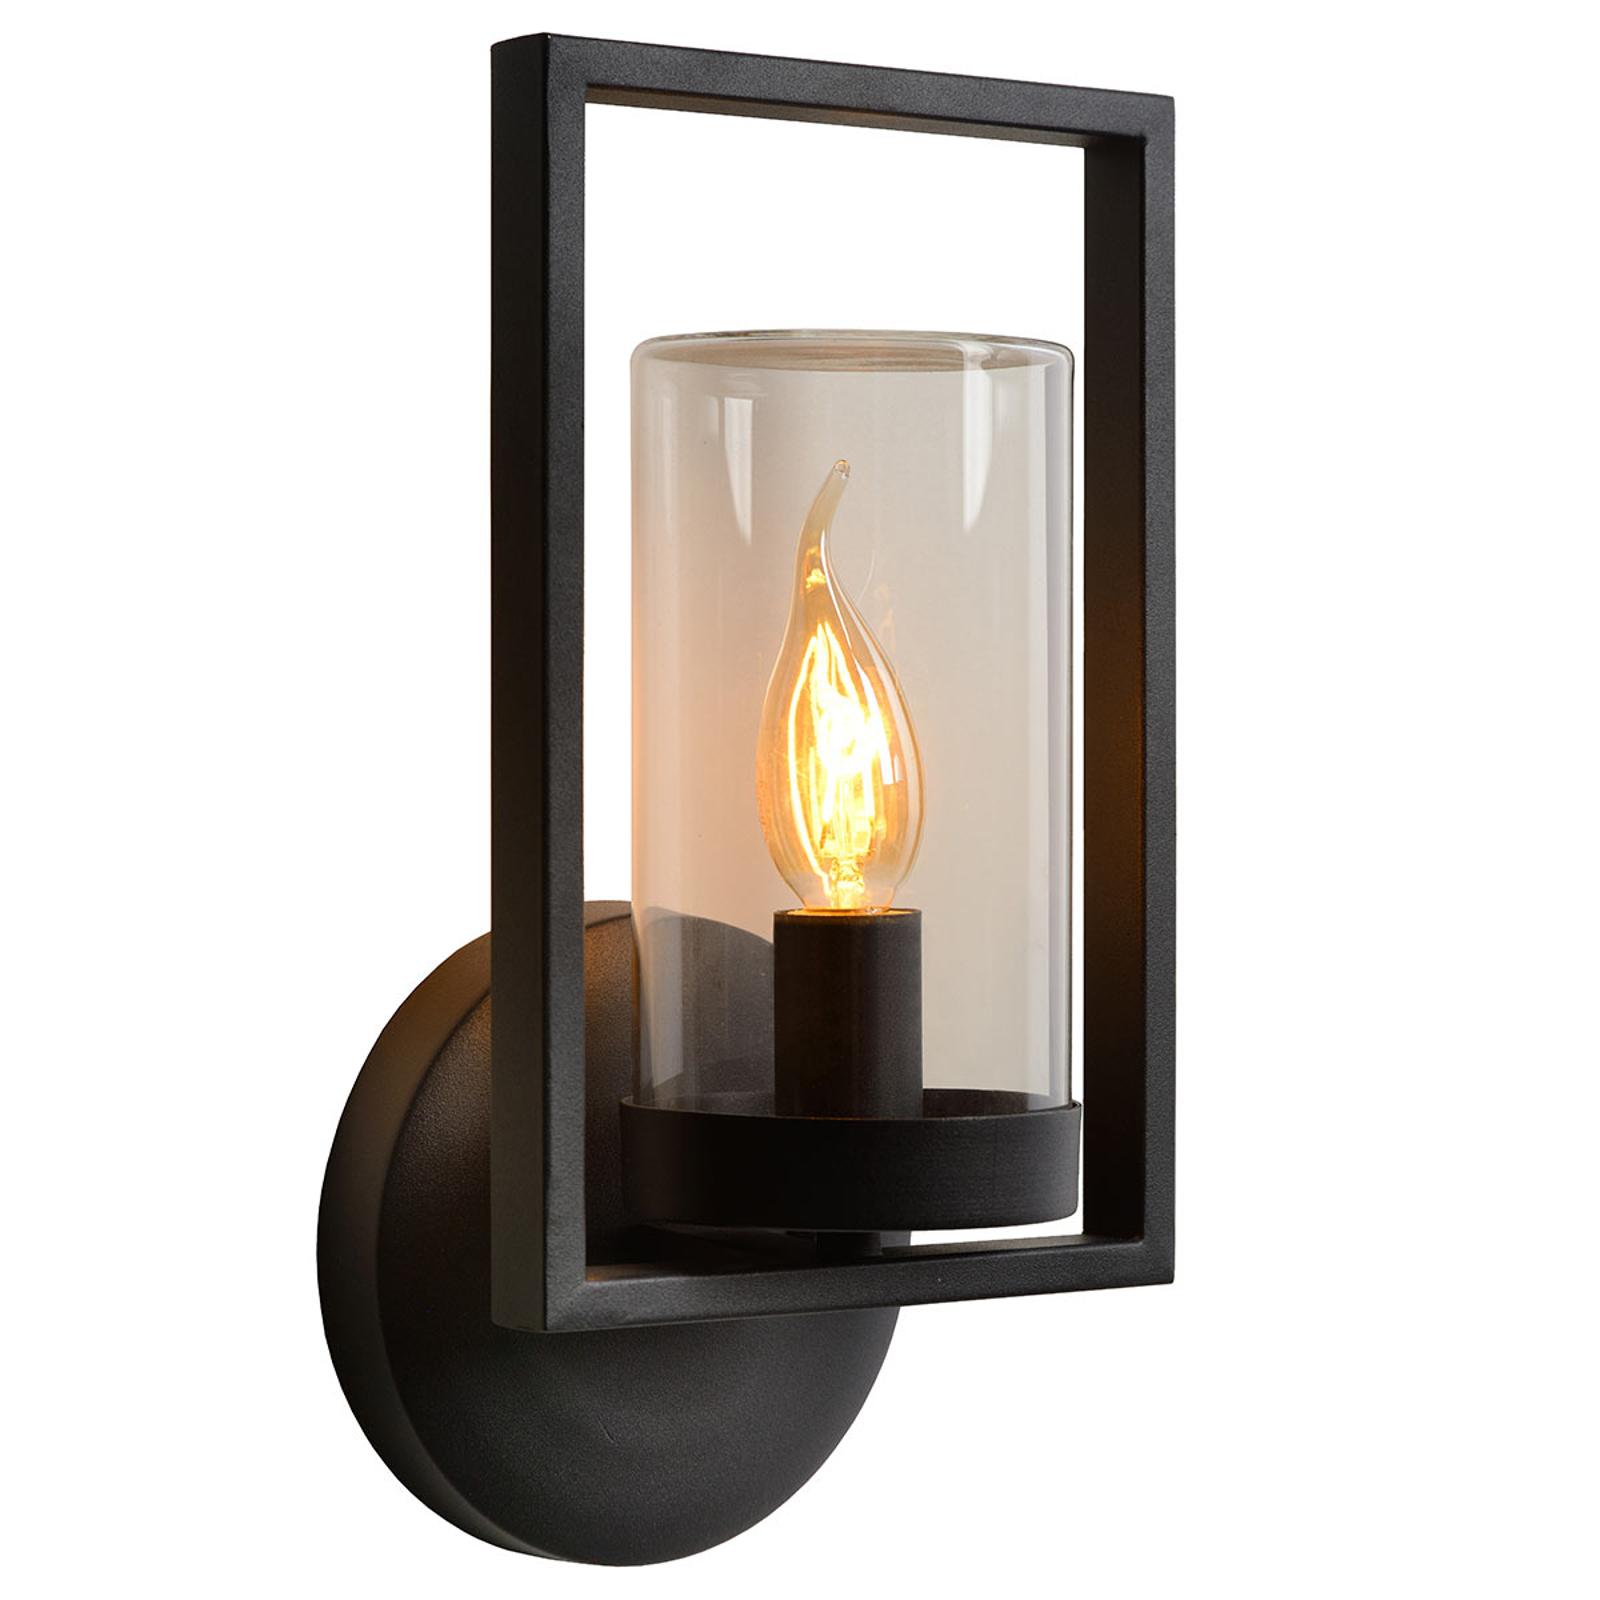 Buitenwandlamp Nispen met metalen frame